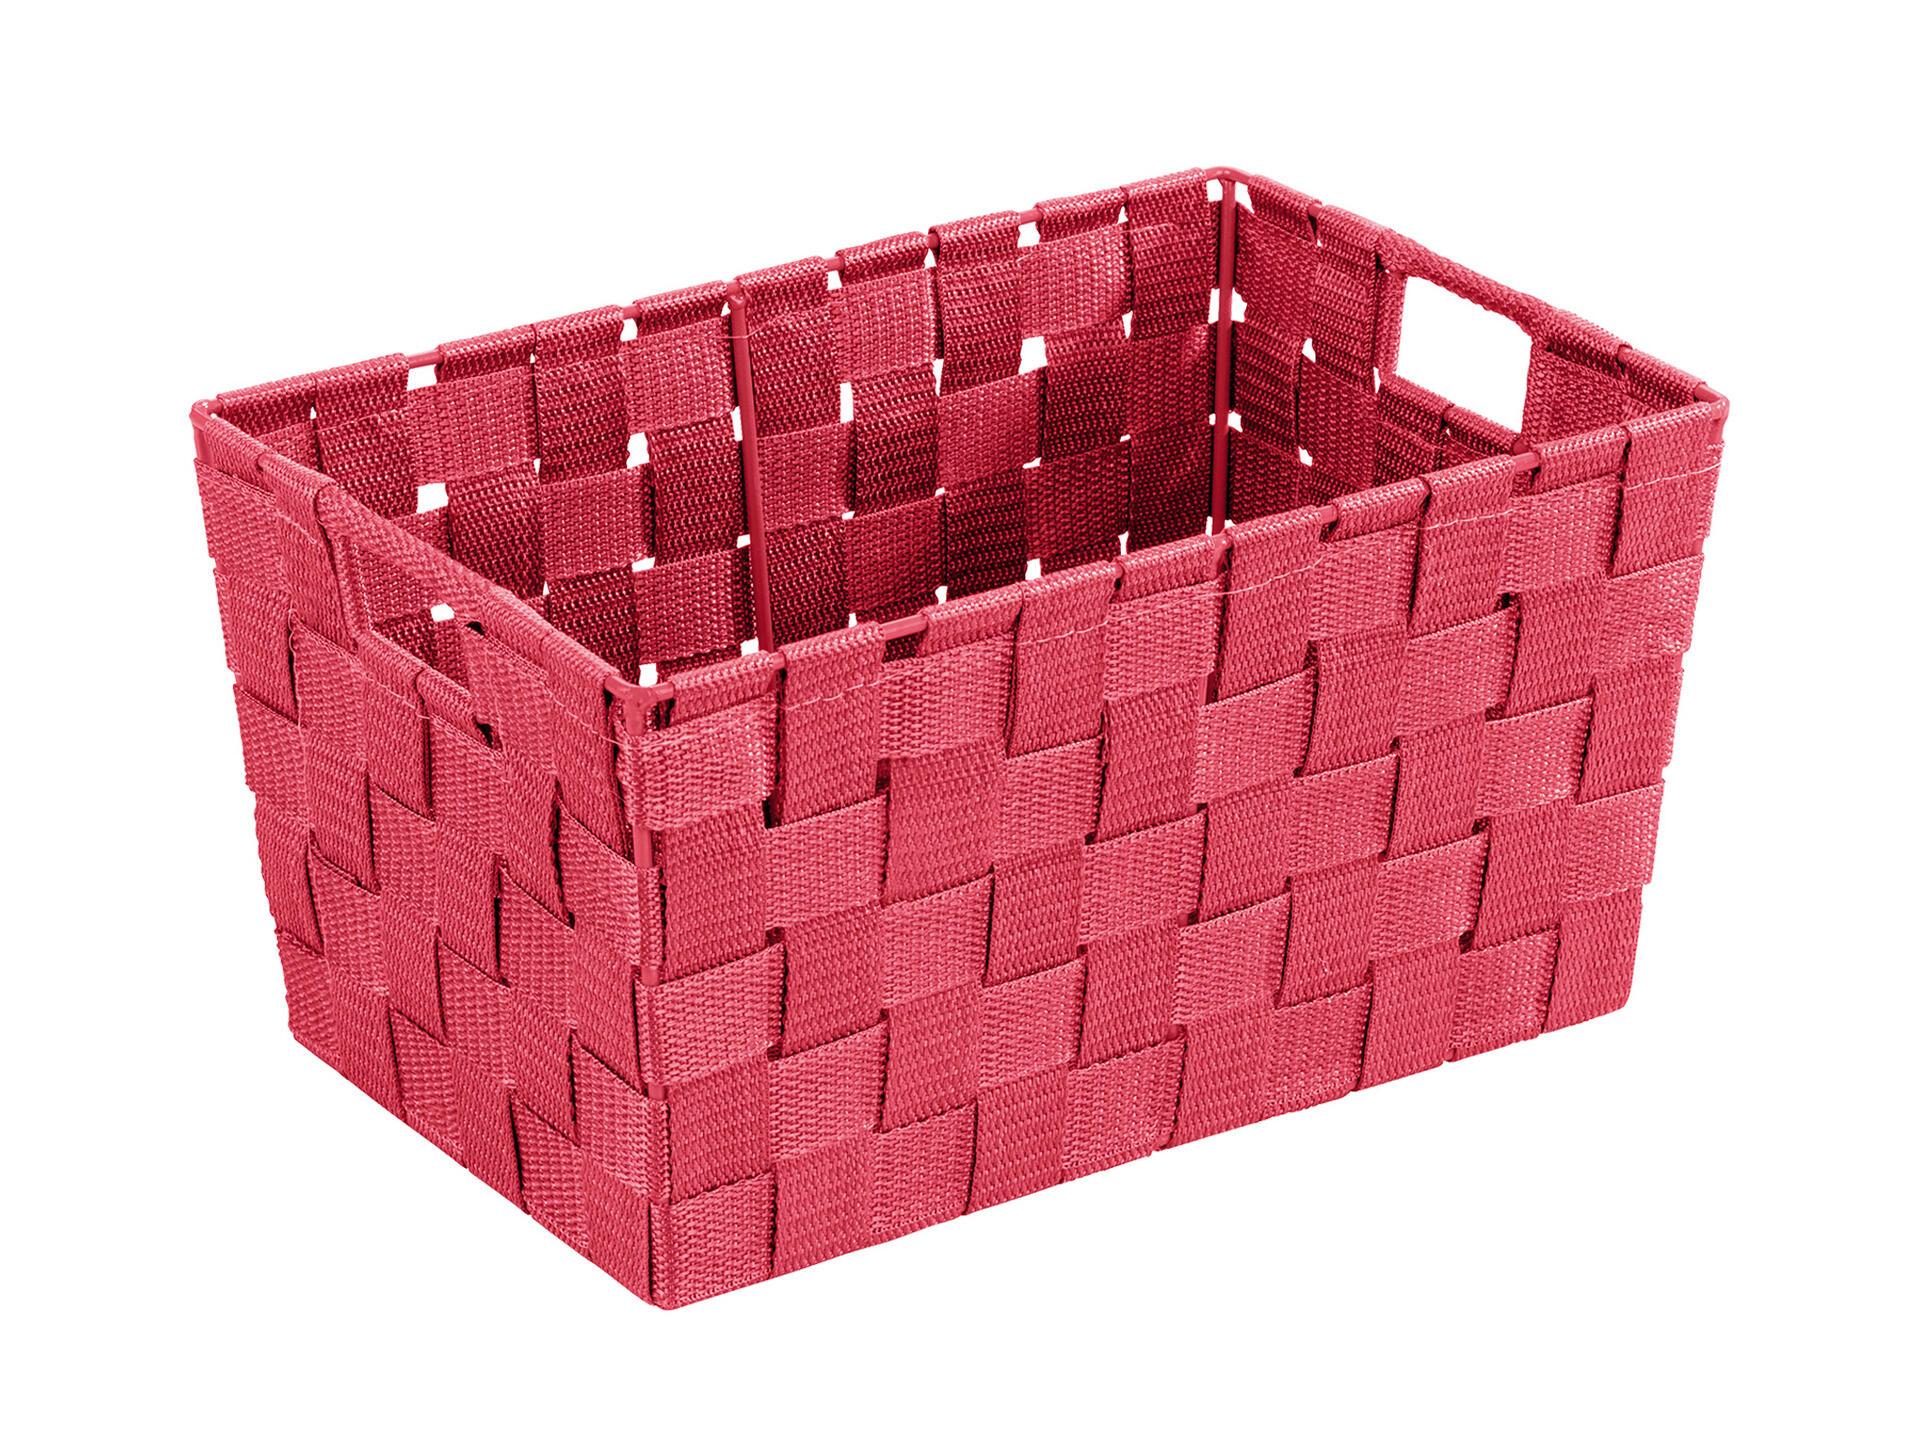 Wenko Adria Small panier de rangement 30x20x15 cm rouge | Hubo